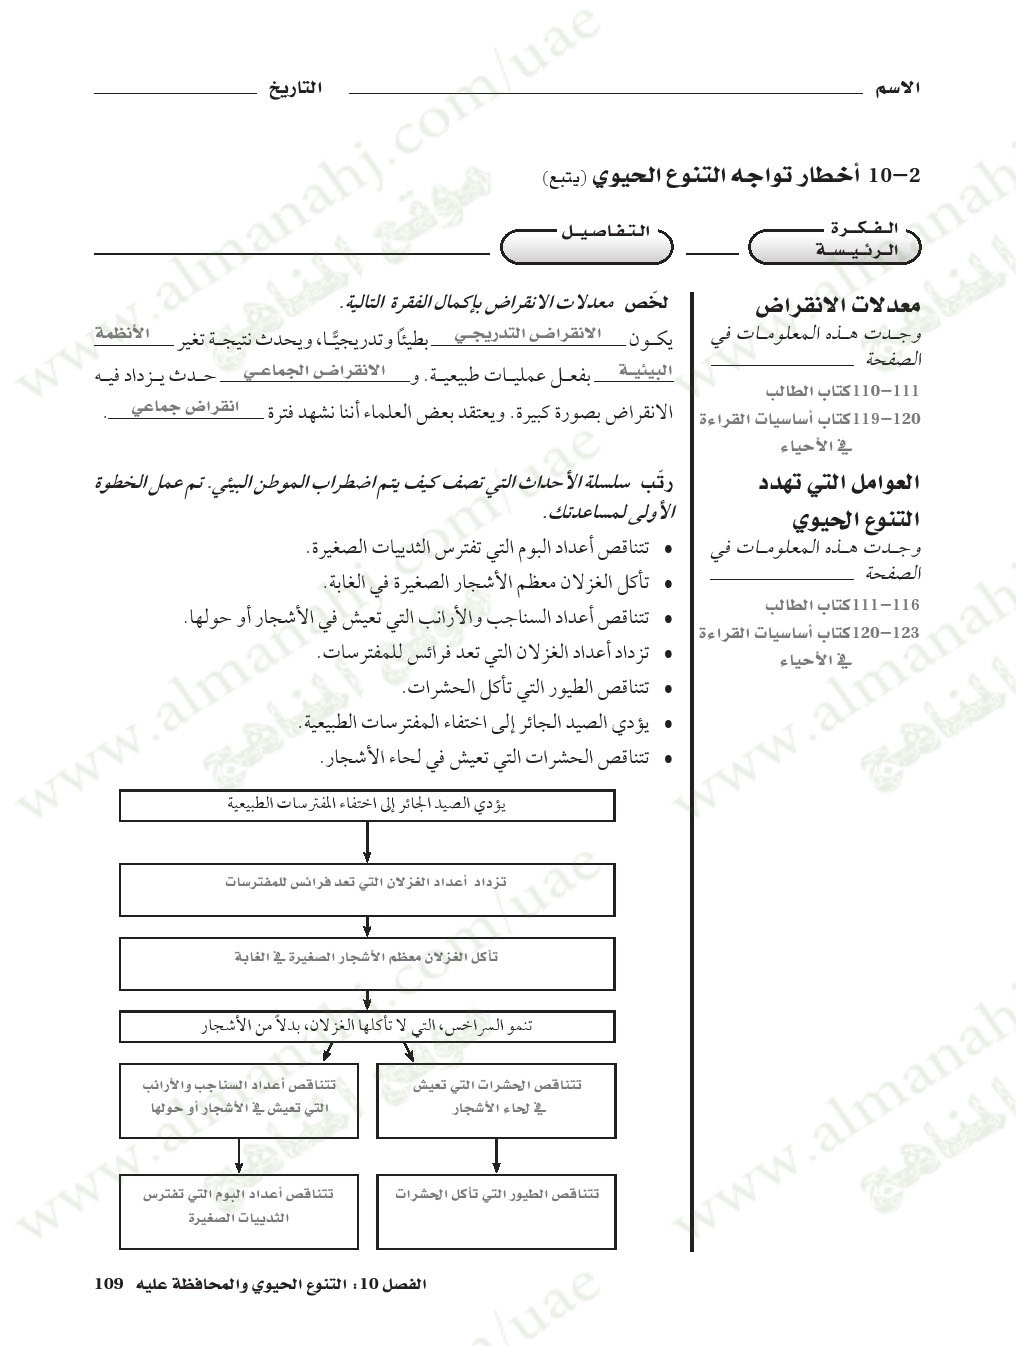 حل دليل الانشطة المخبرية أحياء الصف الحادي عشر المتقدم علوم الفصل الثاني 2017 2018 المناهج الإماراتية